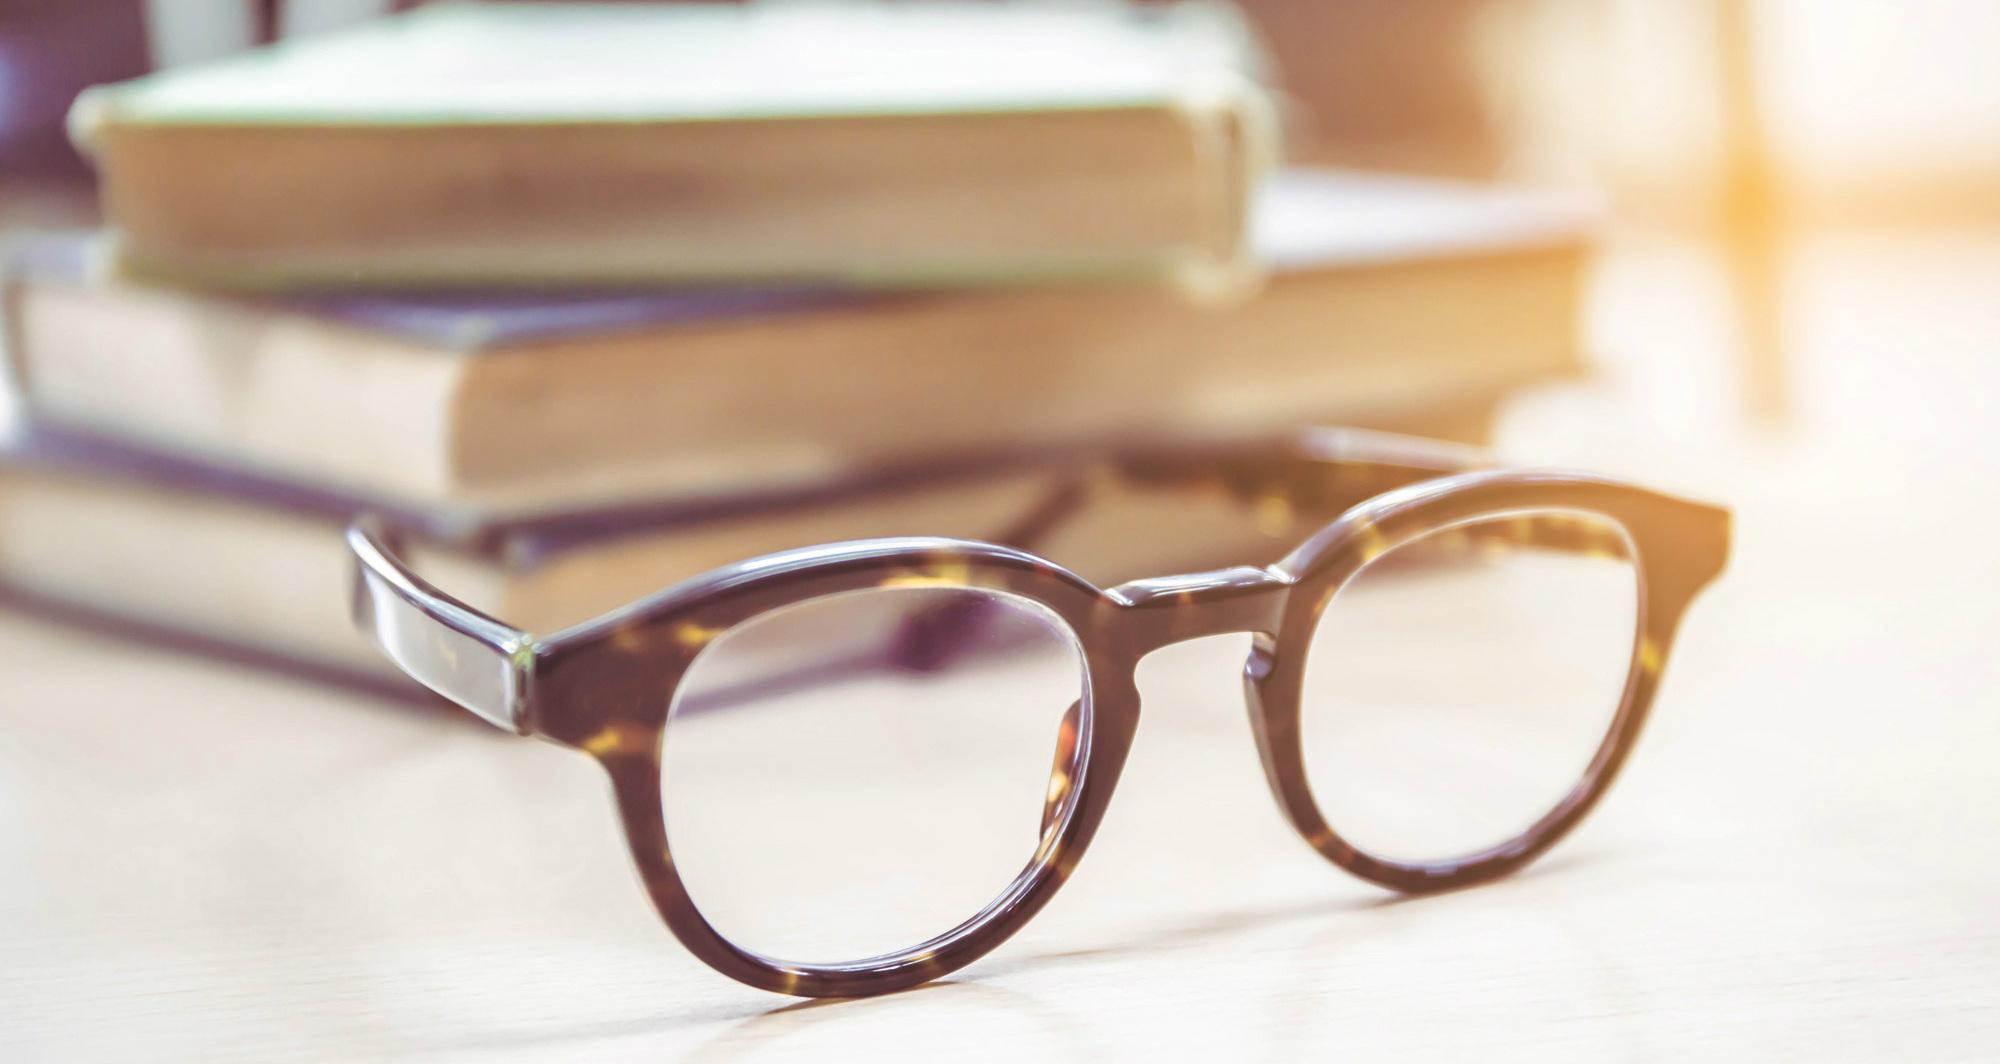 GDPR glasses thin